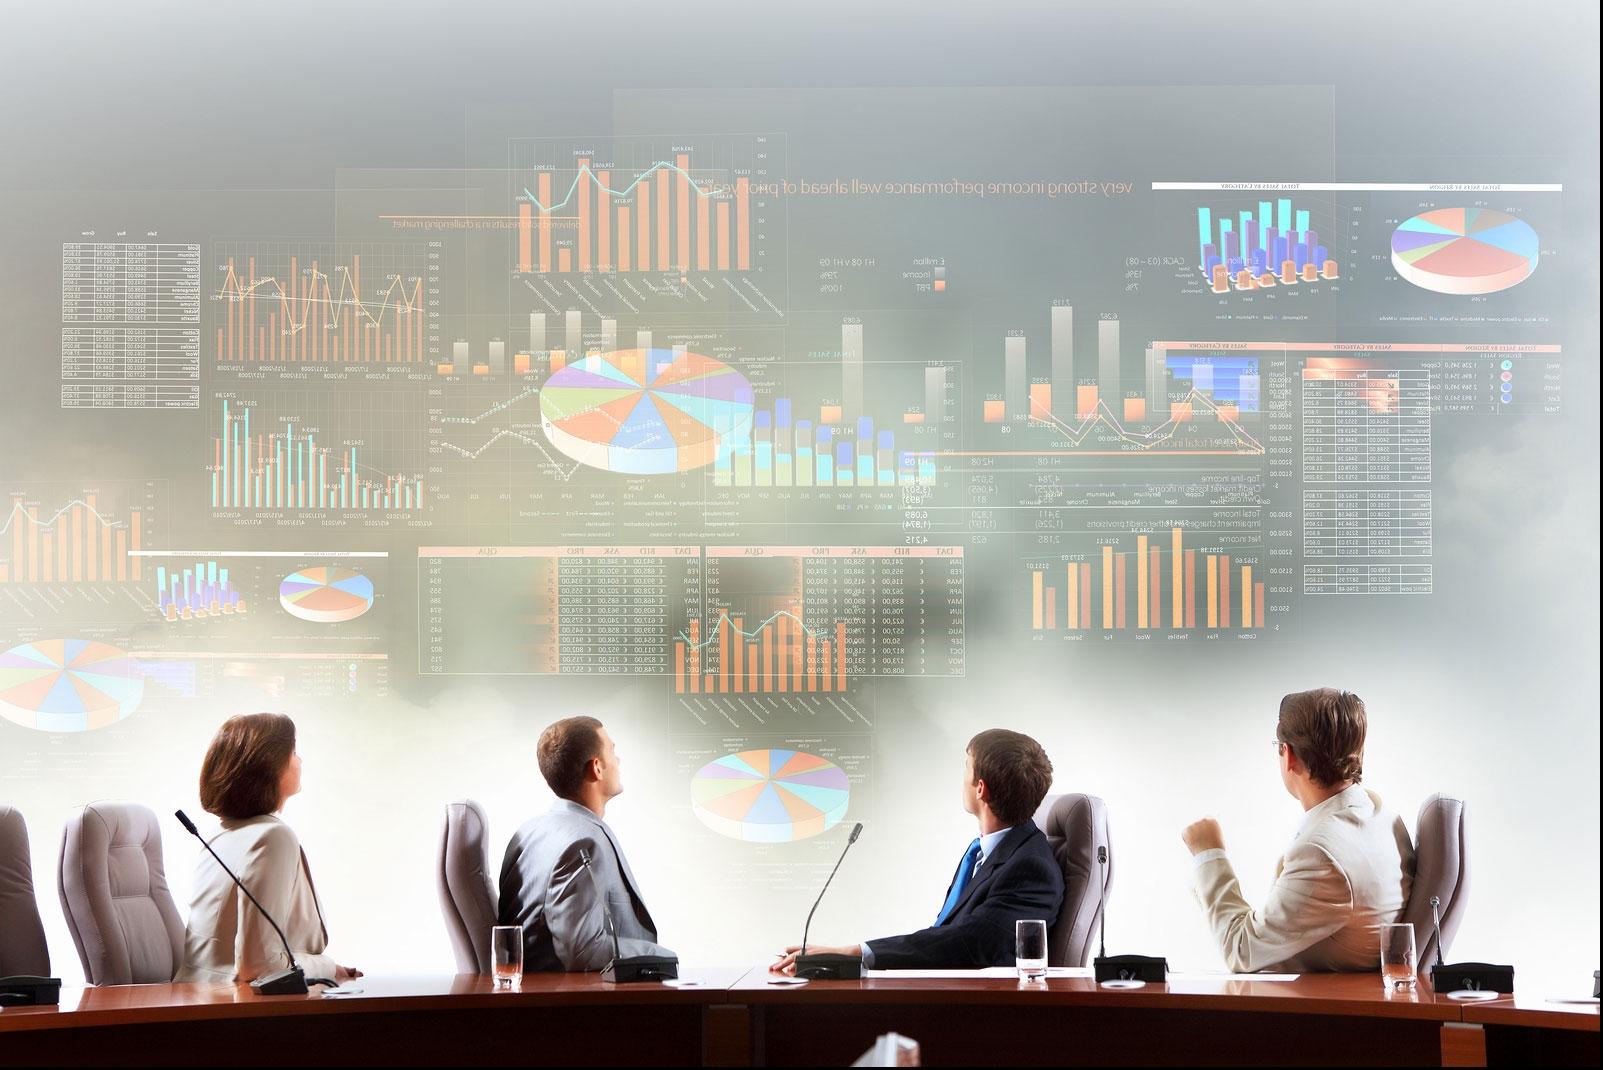 هوش تجاری و فرصت های جدید برای رشد و توسعه